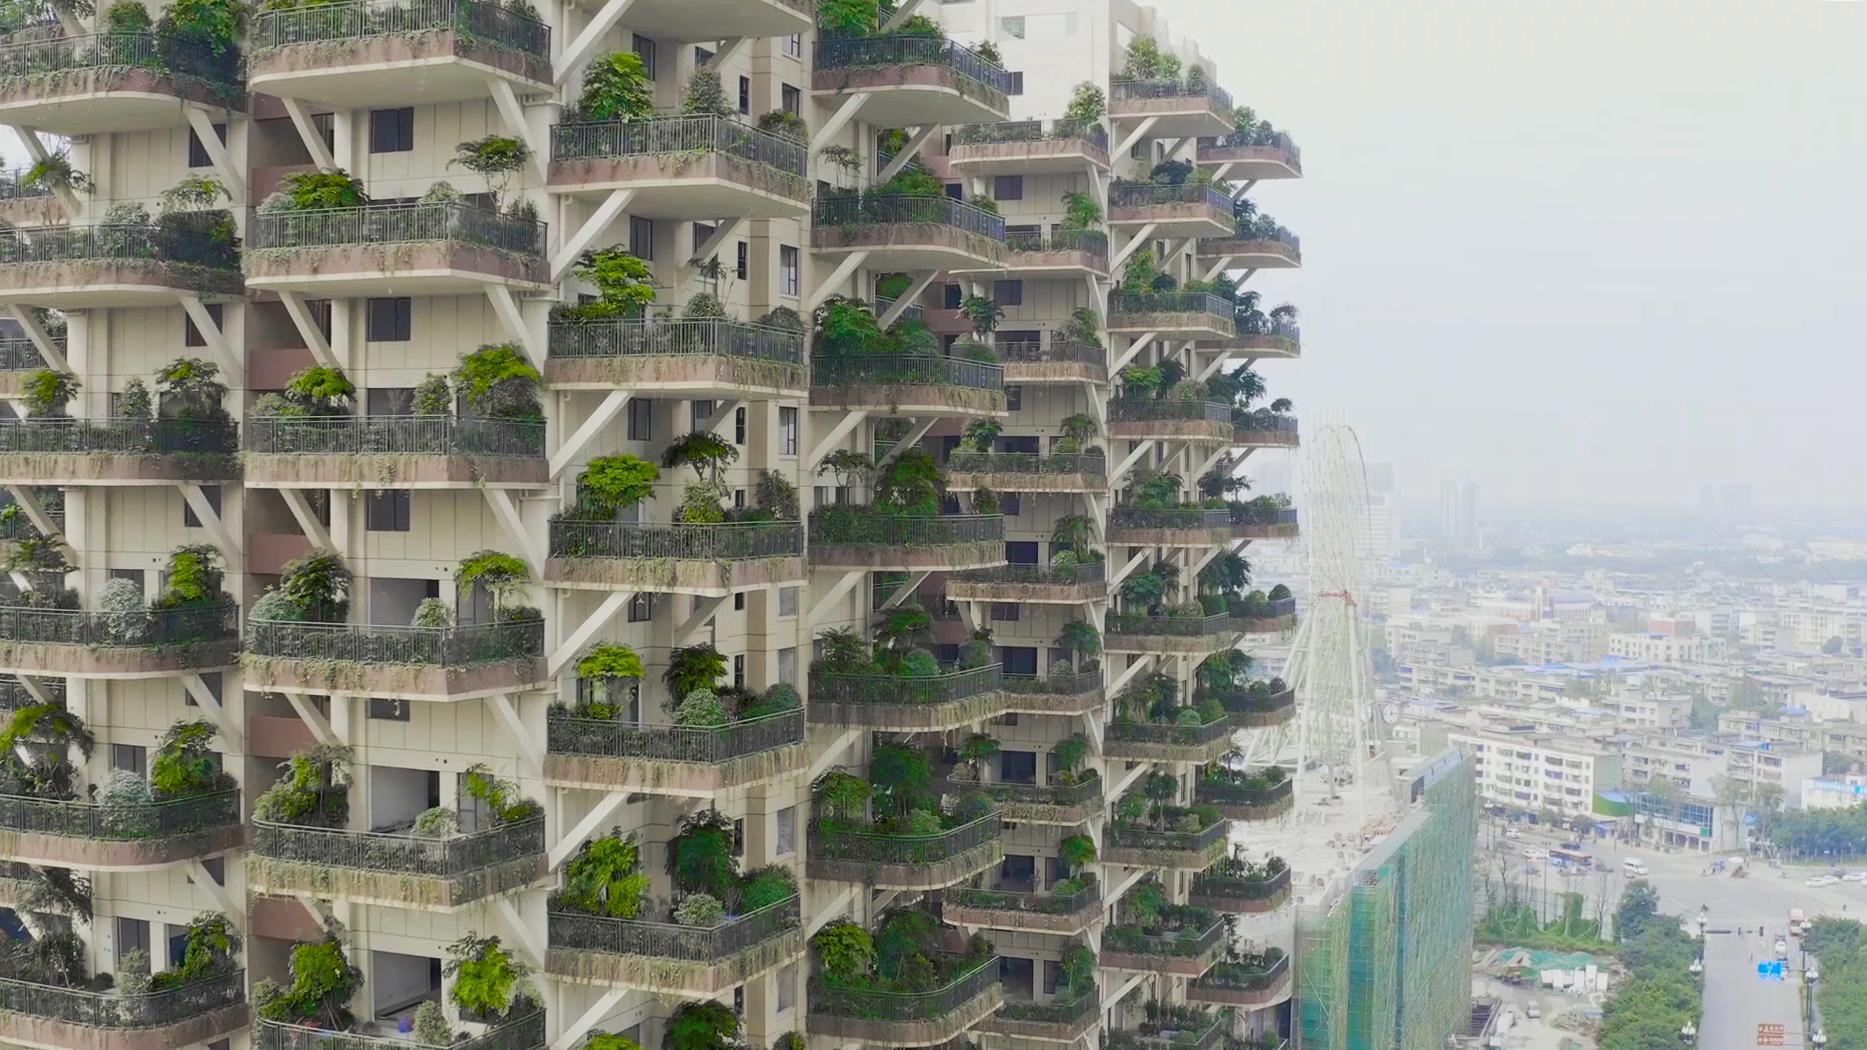 """以上诸多优势,将使它如同上世纪八九十年代的电梯房一样,很快就让上世纪六七十年代之前所建的房子全都贬值成了""""棚户区"""",逐渐被人们淘汰,仅此一项,就彻底改变了中国一百多年来贫穷落后的城市面貌,改善了人们的居住环境,并支撑中国经济快速发展了三十年,带来累计几十万亿的税收、几百万亿的住房产值、以及几千万人的就业岗位。 同时,一片第四代建筑,就如同给城市增添了一片森林,它所带来的""""垂直绿化""""面积也使政府不用多投入一寸土地和任何资金,即可改善城市环境,改善人们的居住环境"""